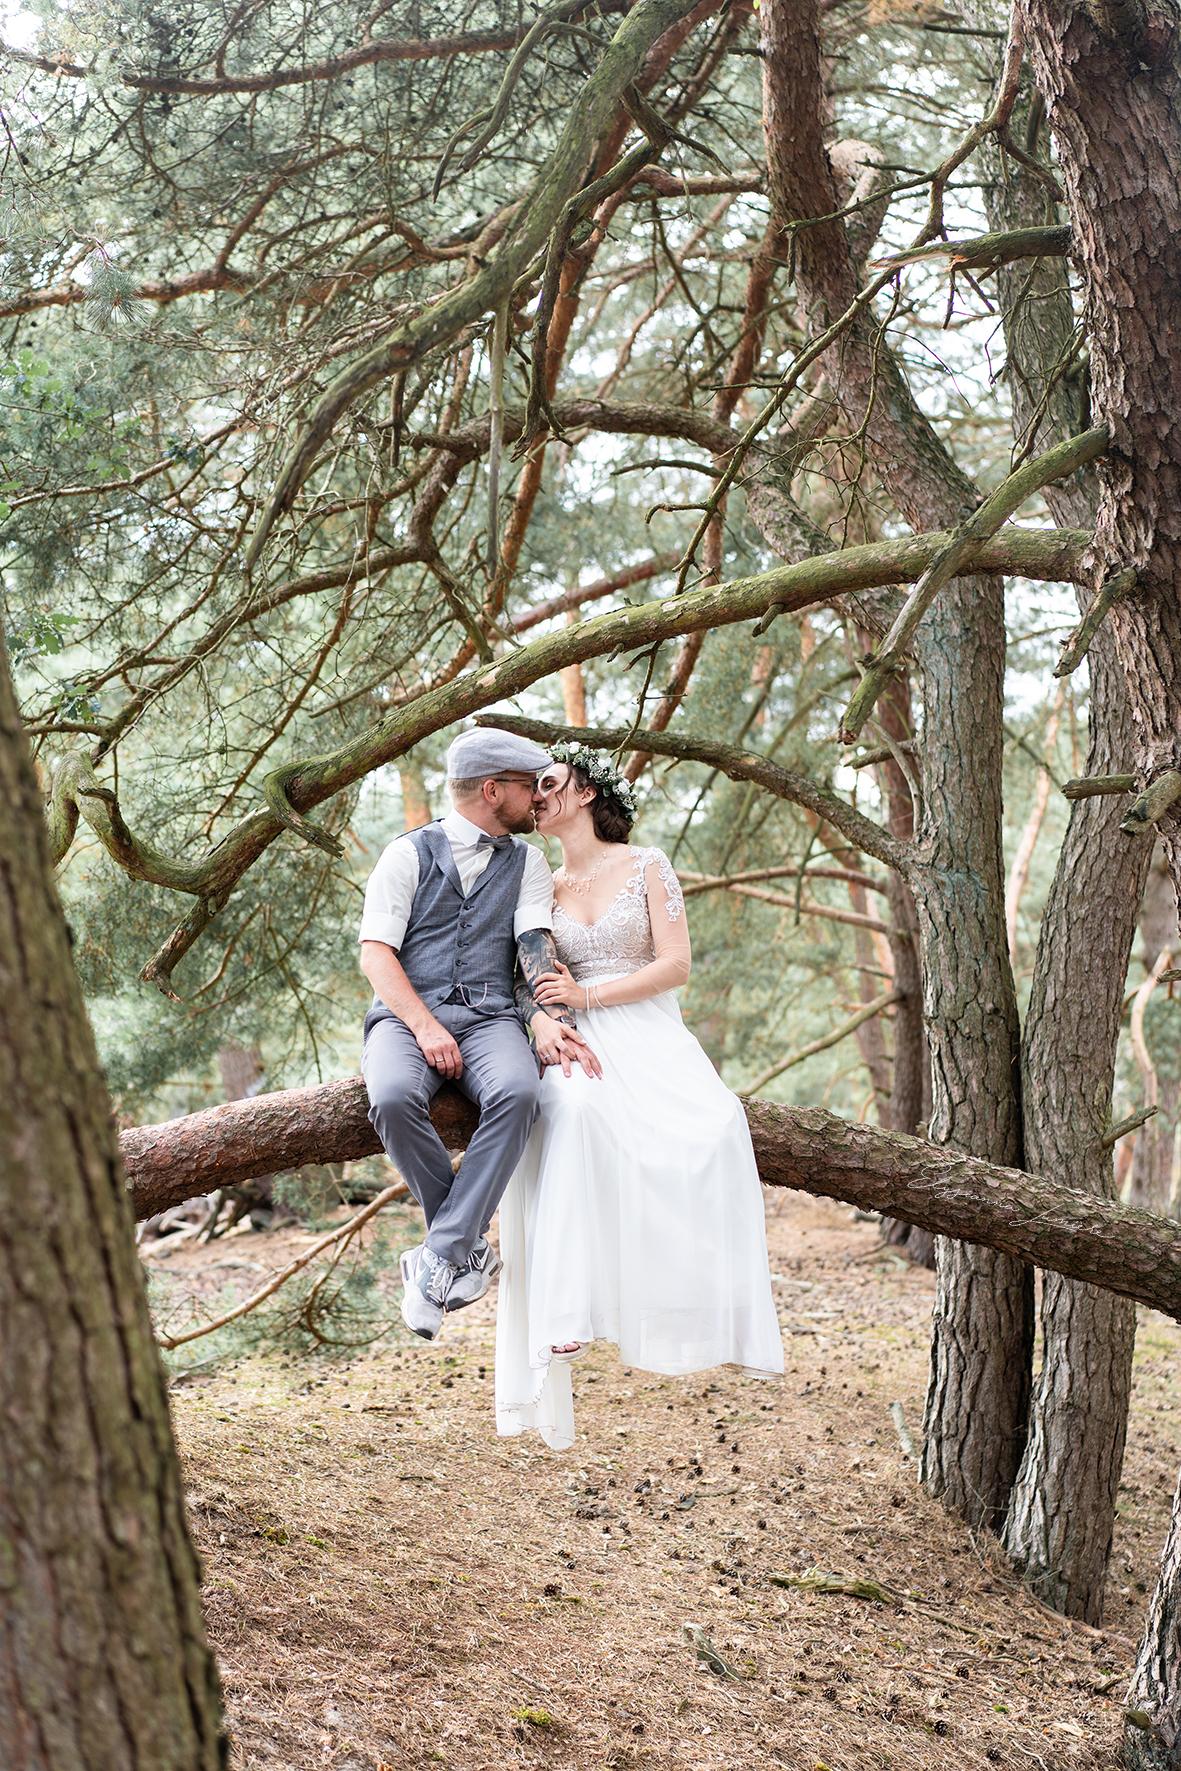 Paarshooting auf einem Baum in den Dünen Boholove Vintagebrautpaar